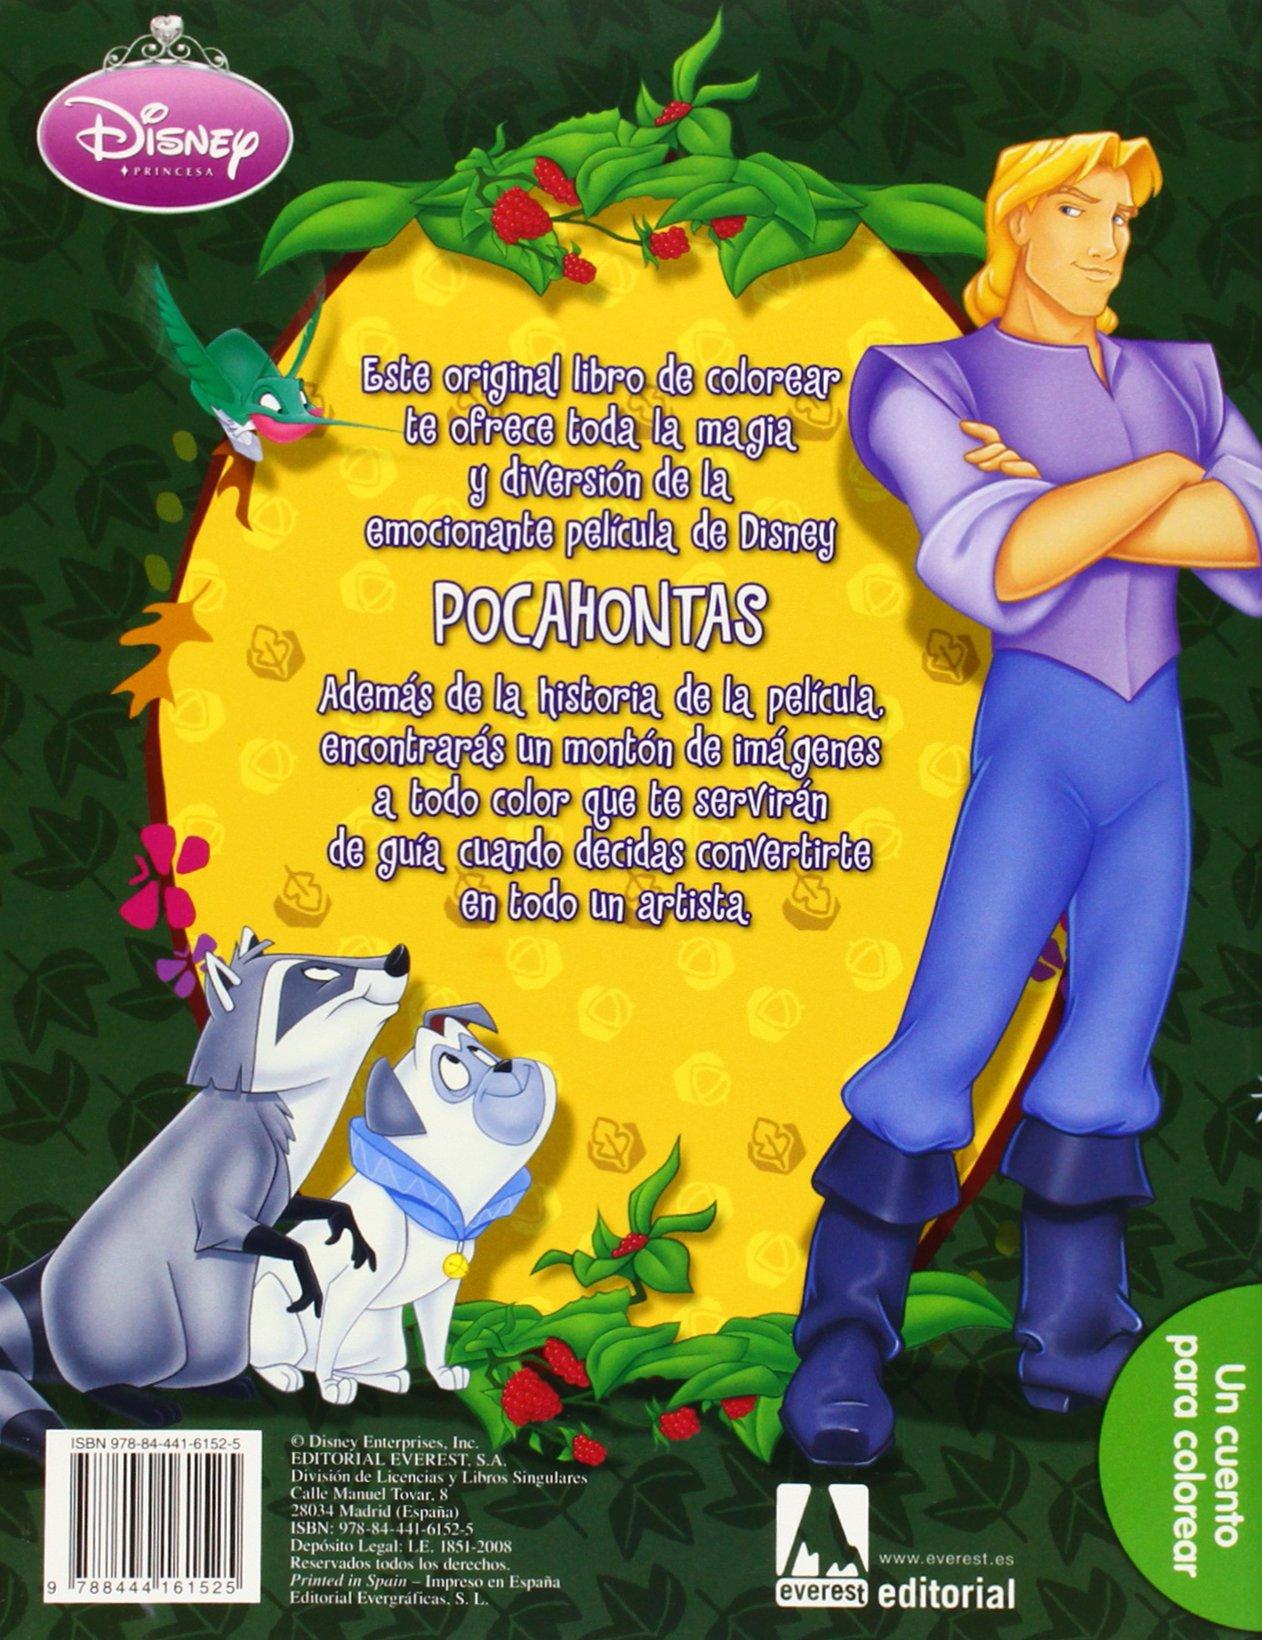 Pocahontas: un cuento para colorear: Amazon.es: Walt Disney Company, Walt Disney Company, Ramón David de, Chaves Sanz Yolanda: Libros